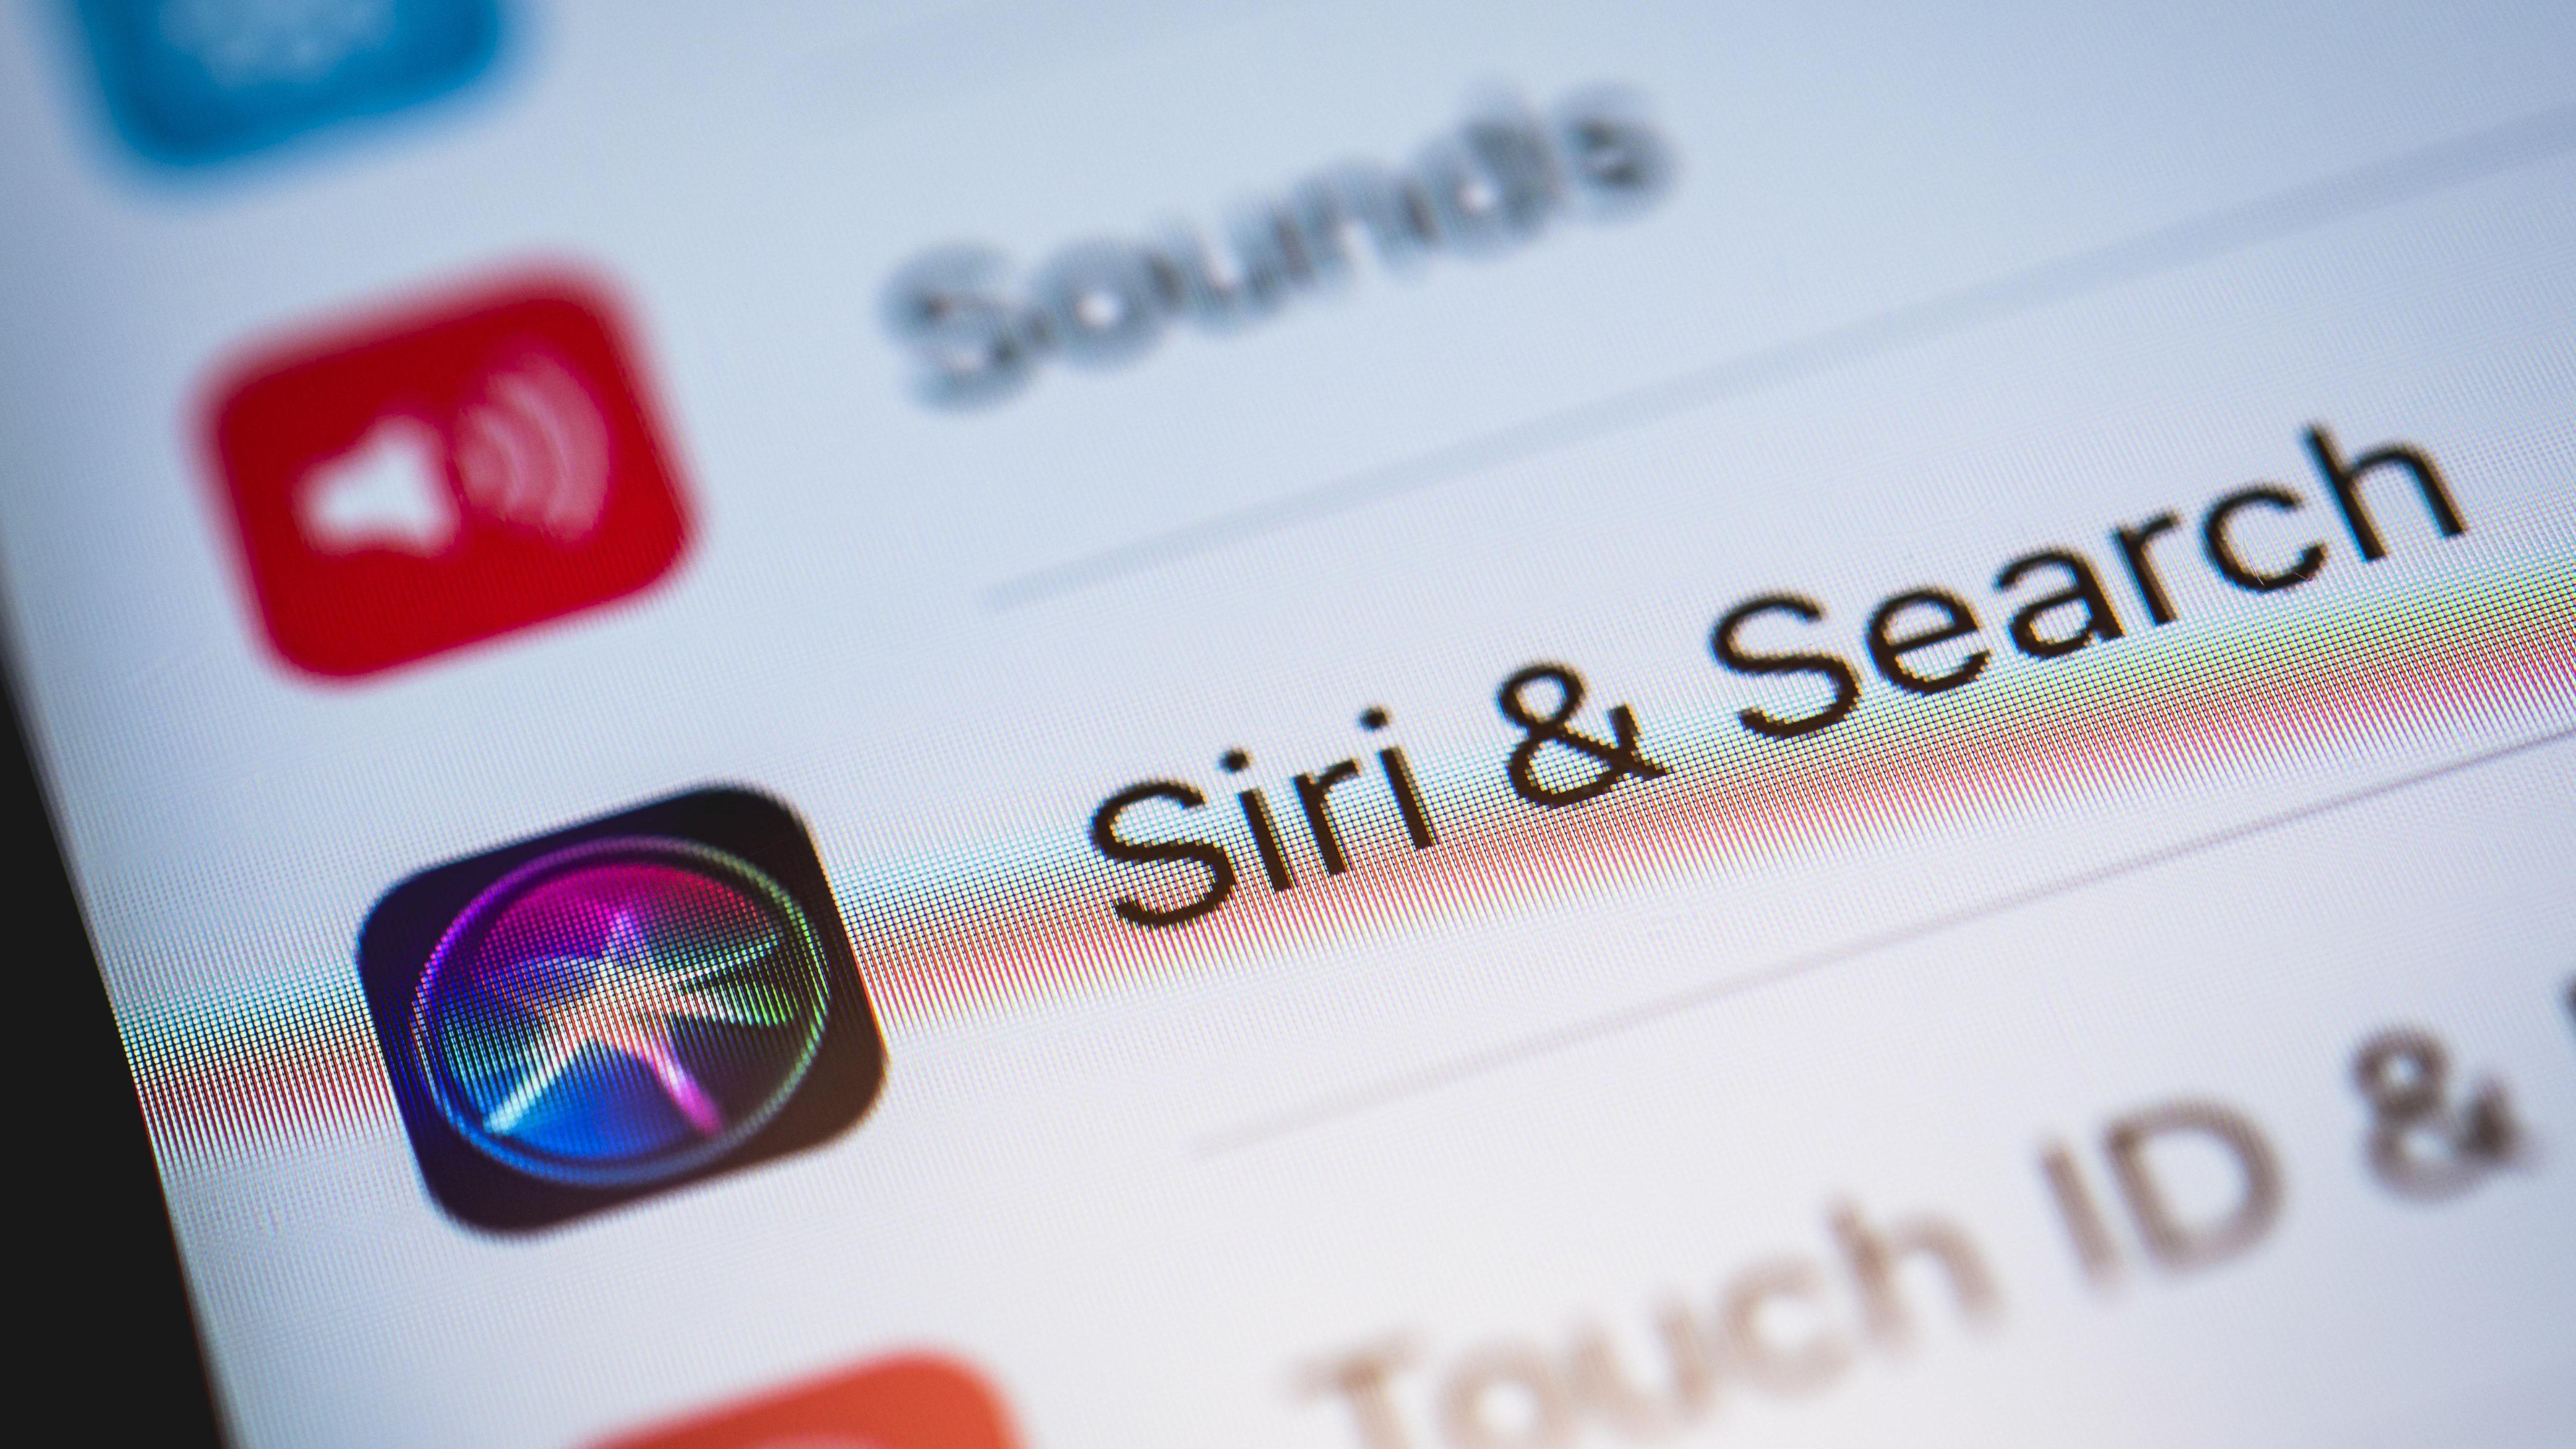 Apple-Mitarbeiter hören Siri ab